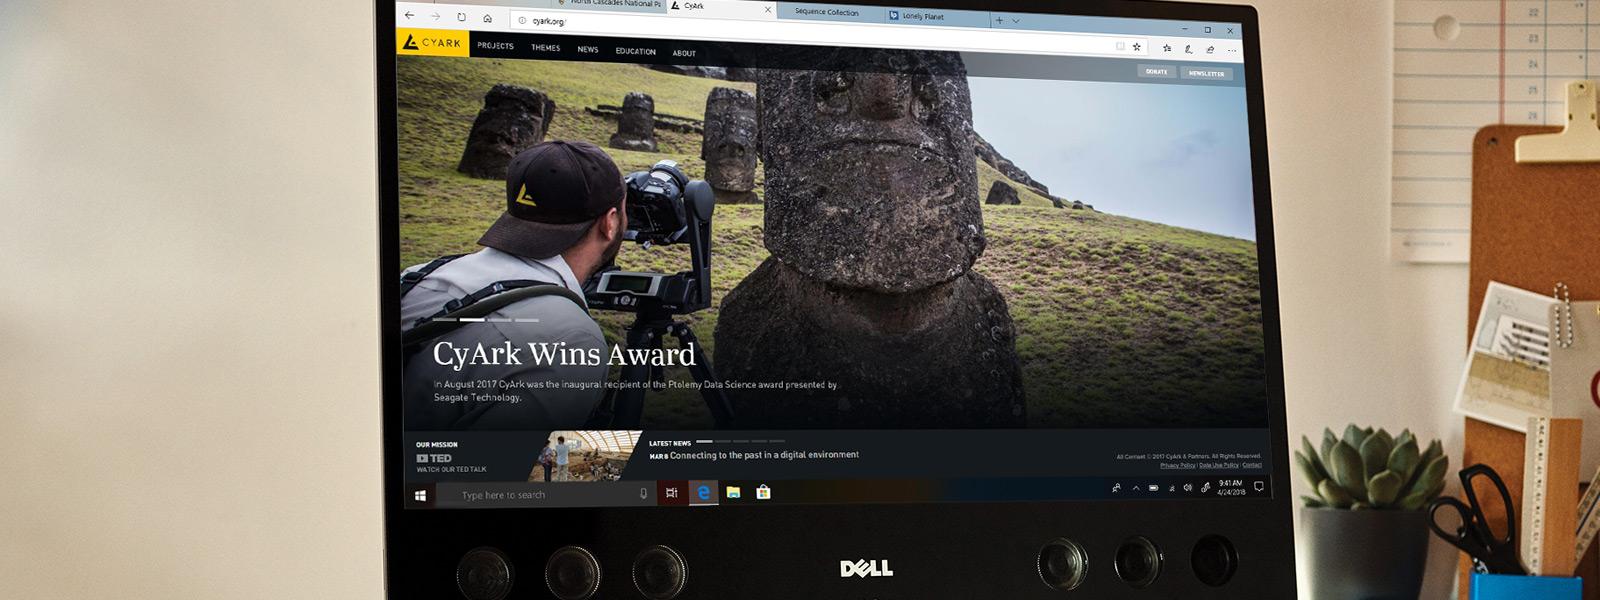 Uz galda novietots datora monitors, kurā redzams Microsoft Edge logs ar 4K Ultra HD izšķirtspējas video